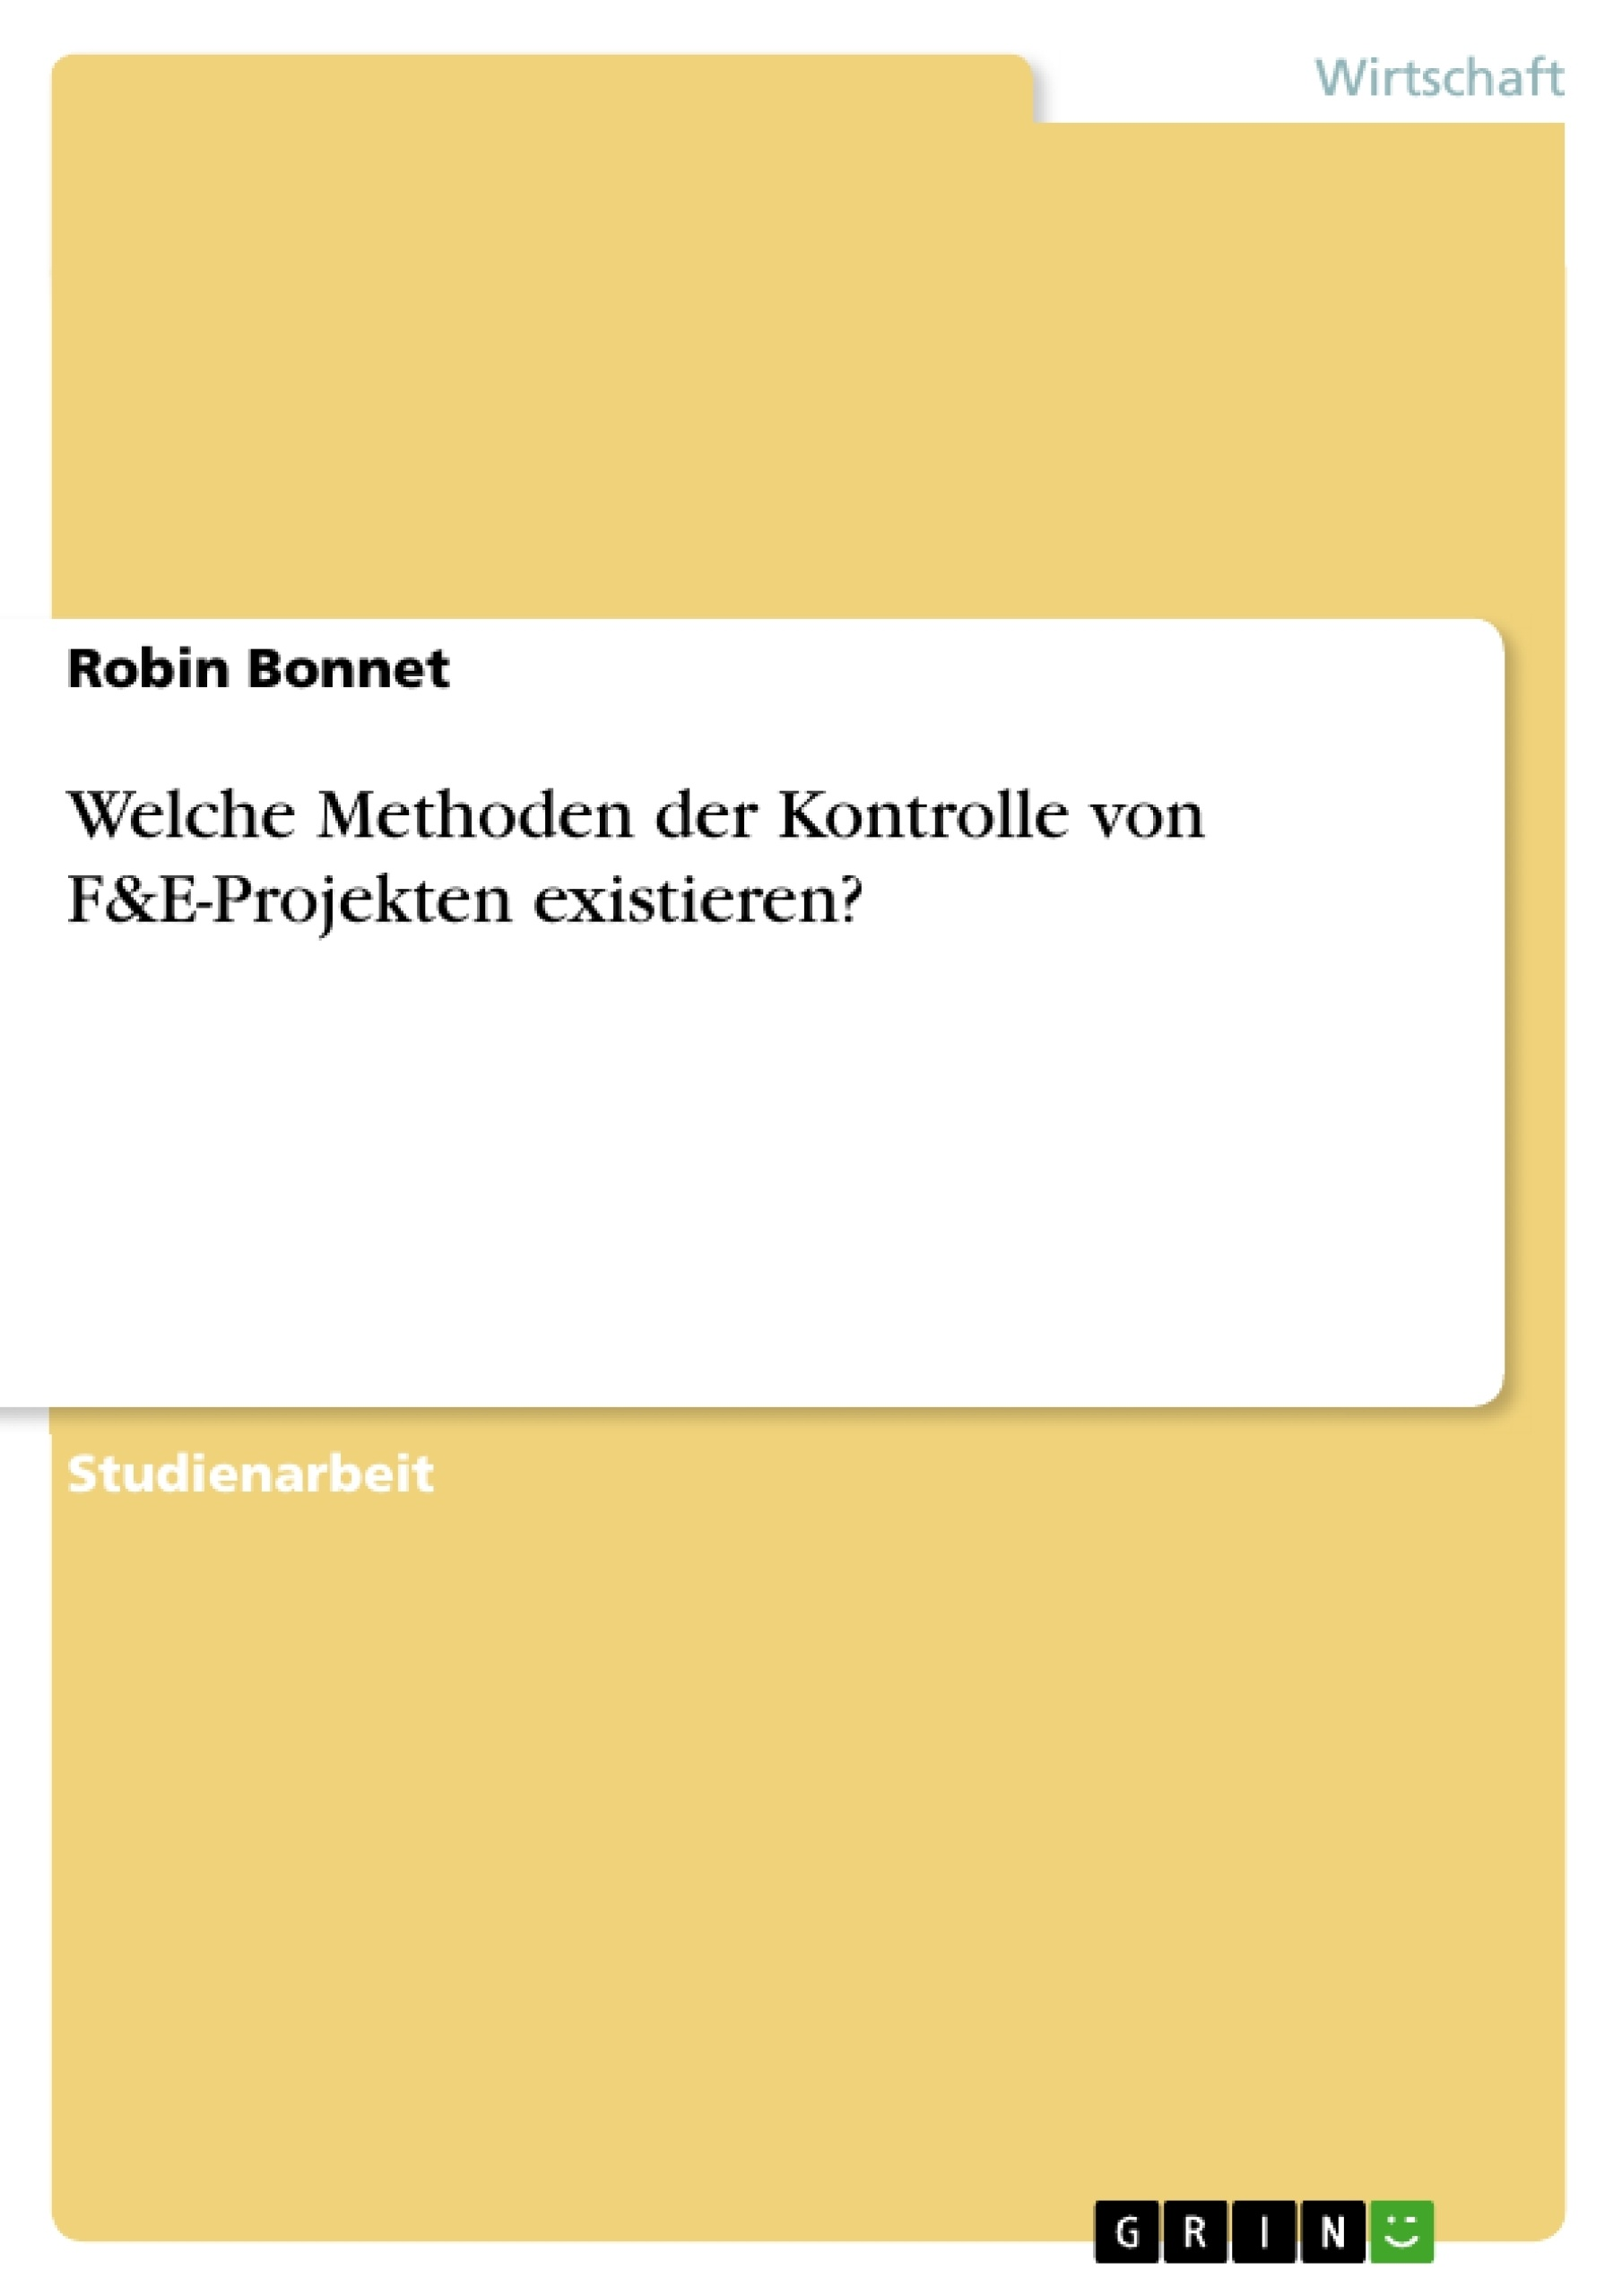 Titel: Welche Methoden der Kontrolle von F&E-Projekten existieren?